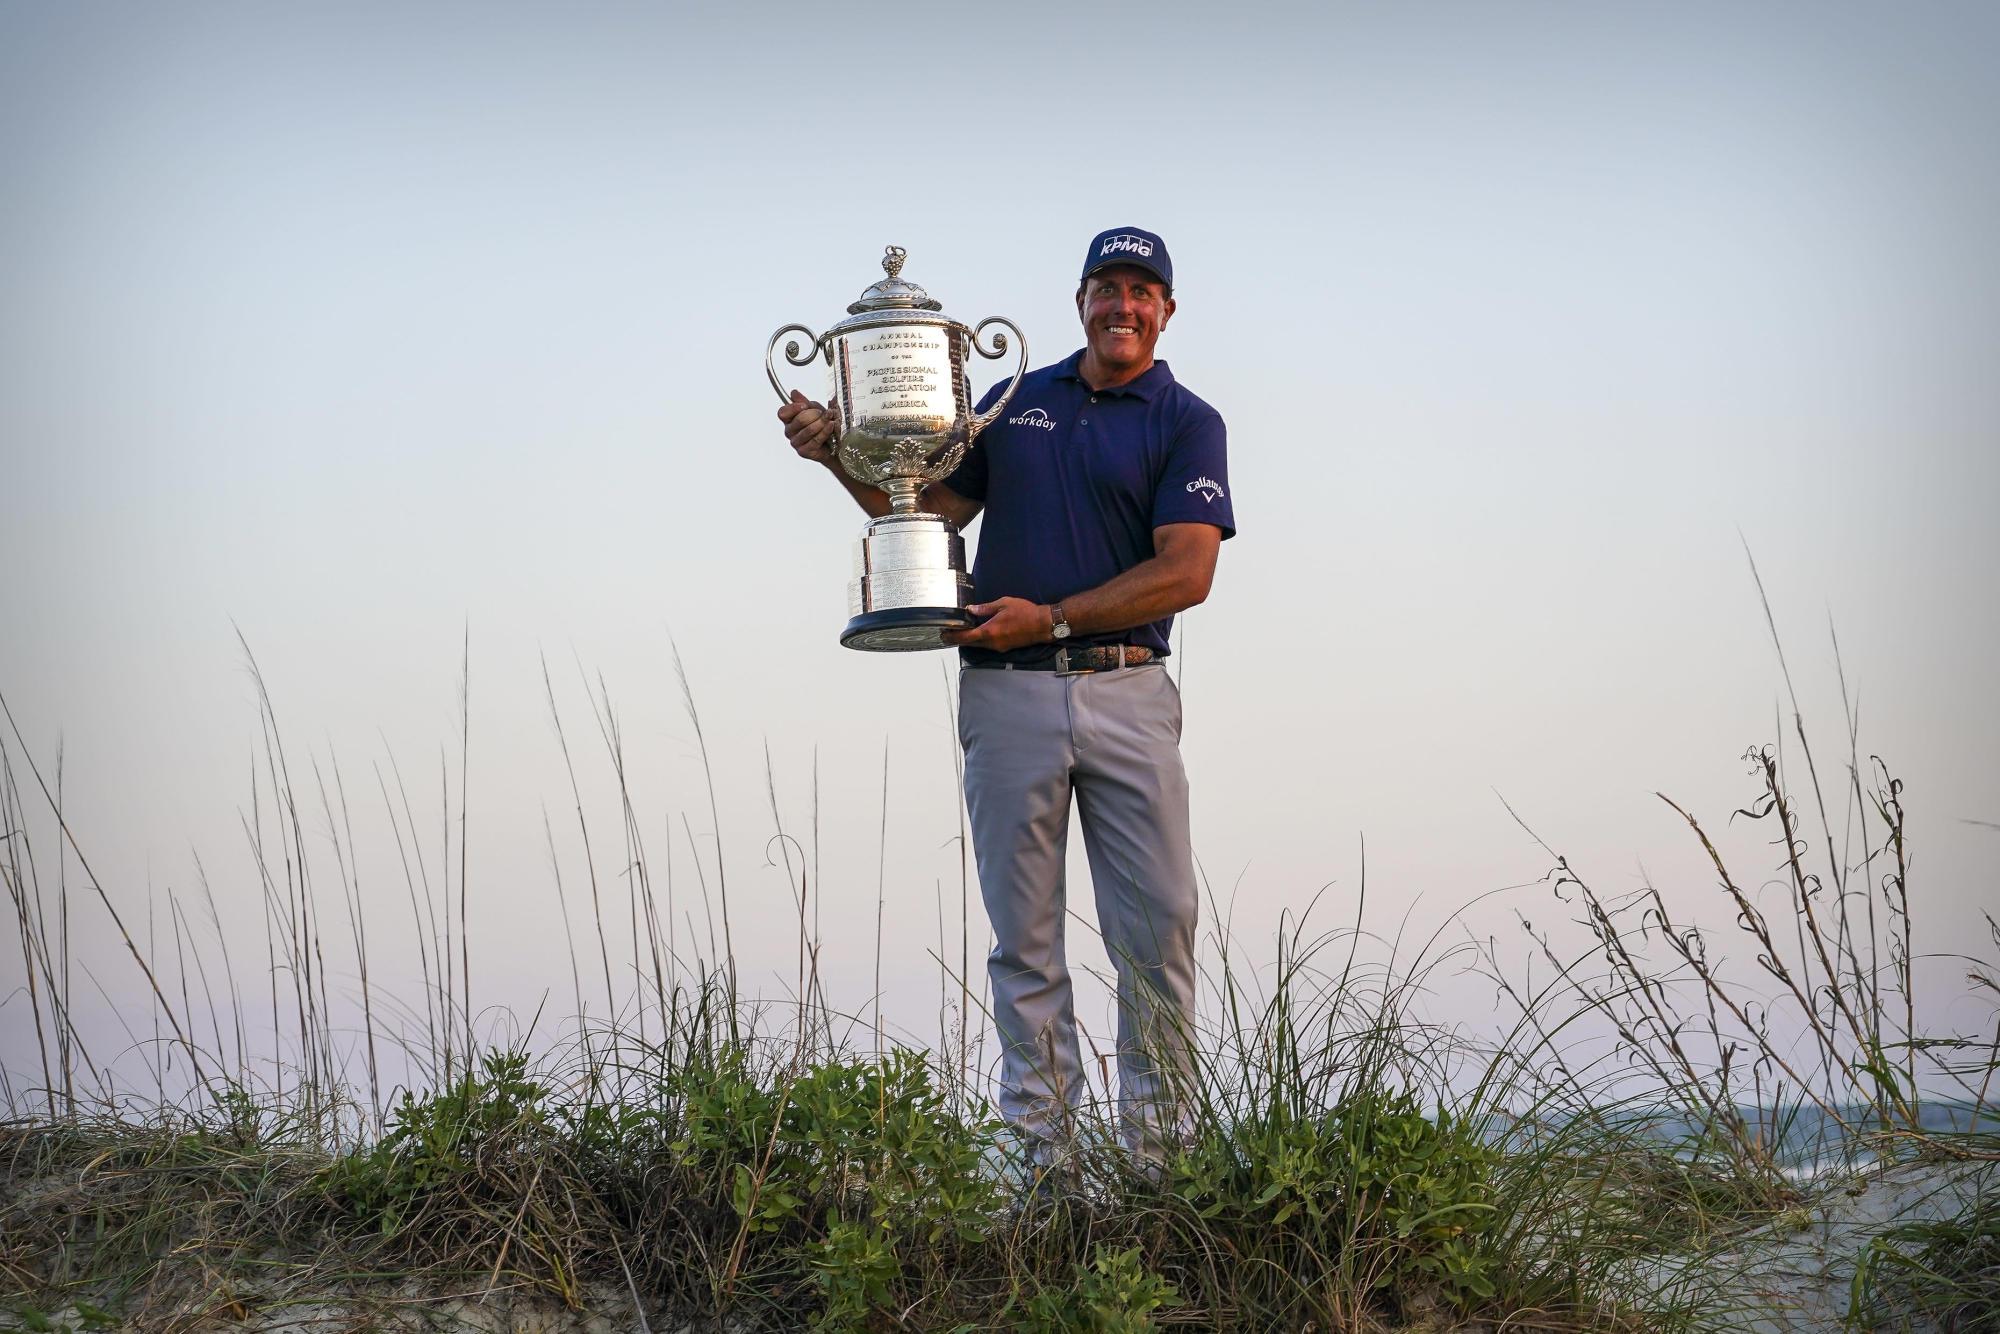 En su propio tiempo: Phil, de 50 años, gana la PGA